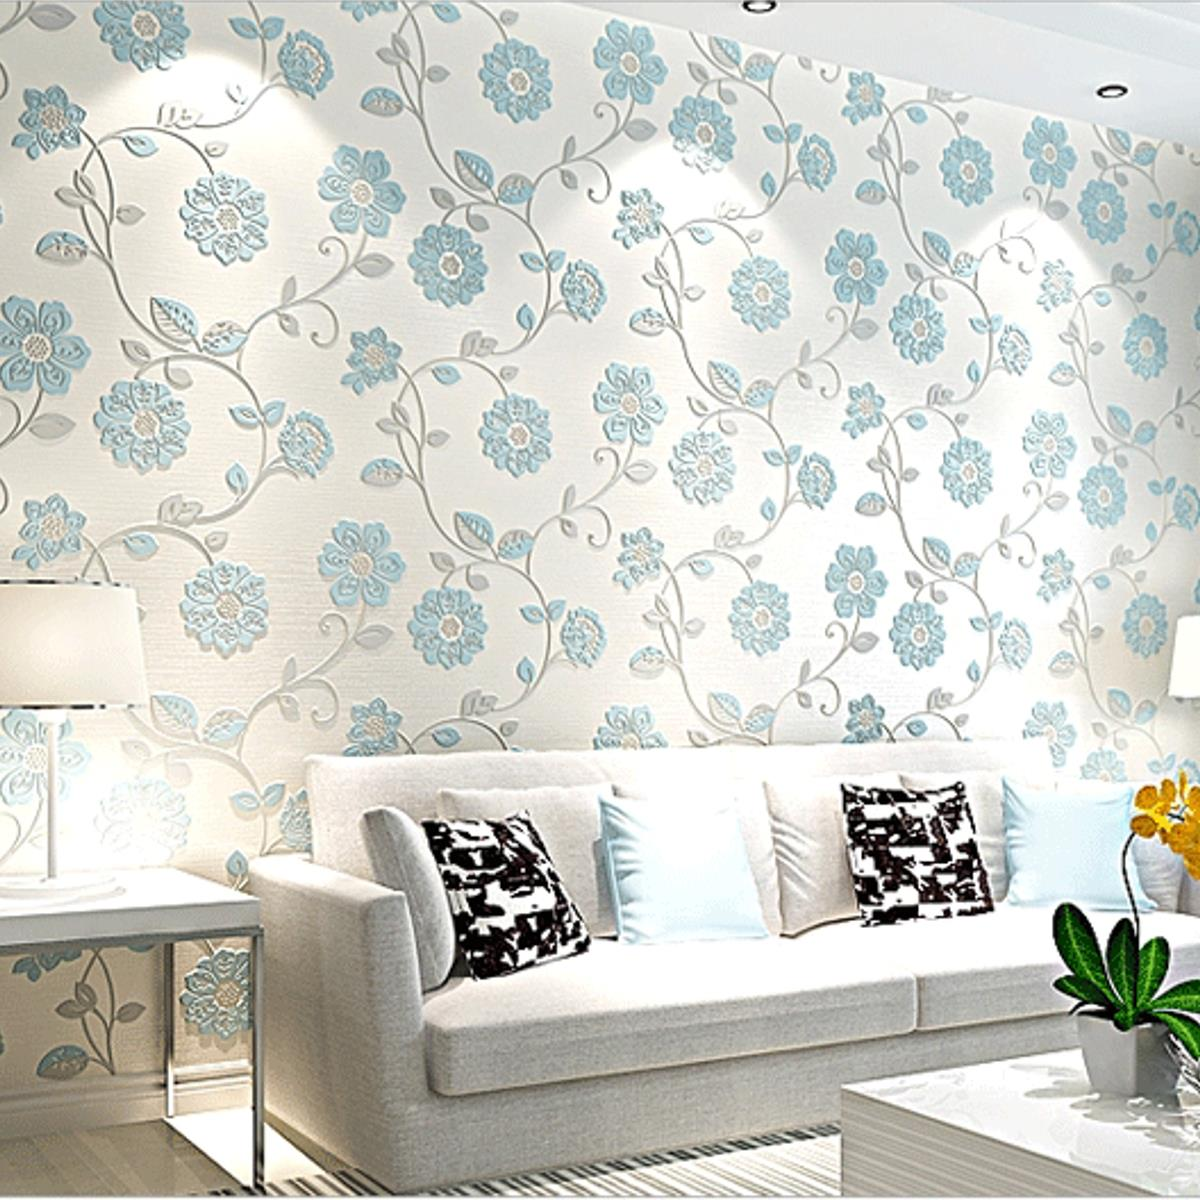 Ziegel 3d Tapeten Wandtapeten Stein Muster Fr Wnde Tv Hintergrund Wohnzimmer  Moderne Nicht Vliesbelag Decor